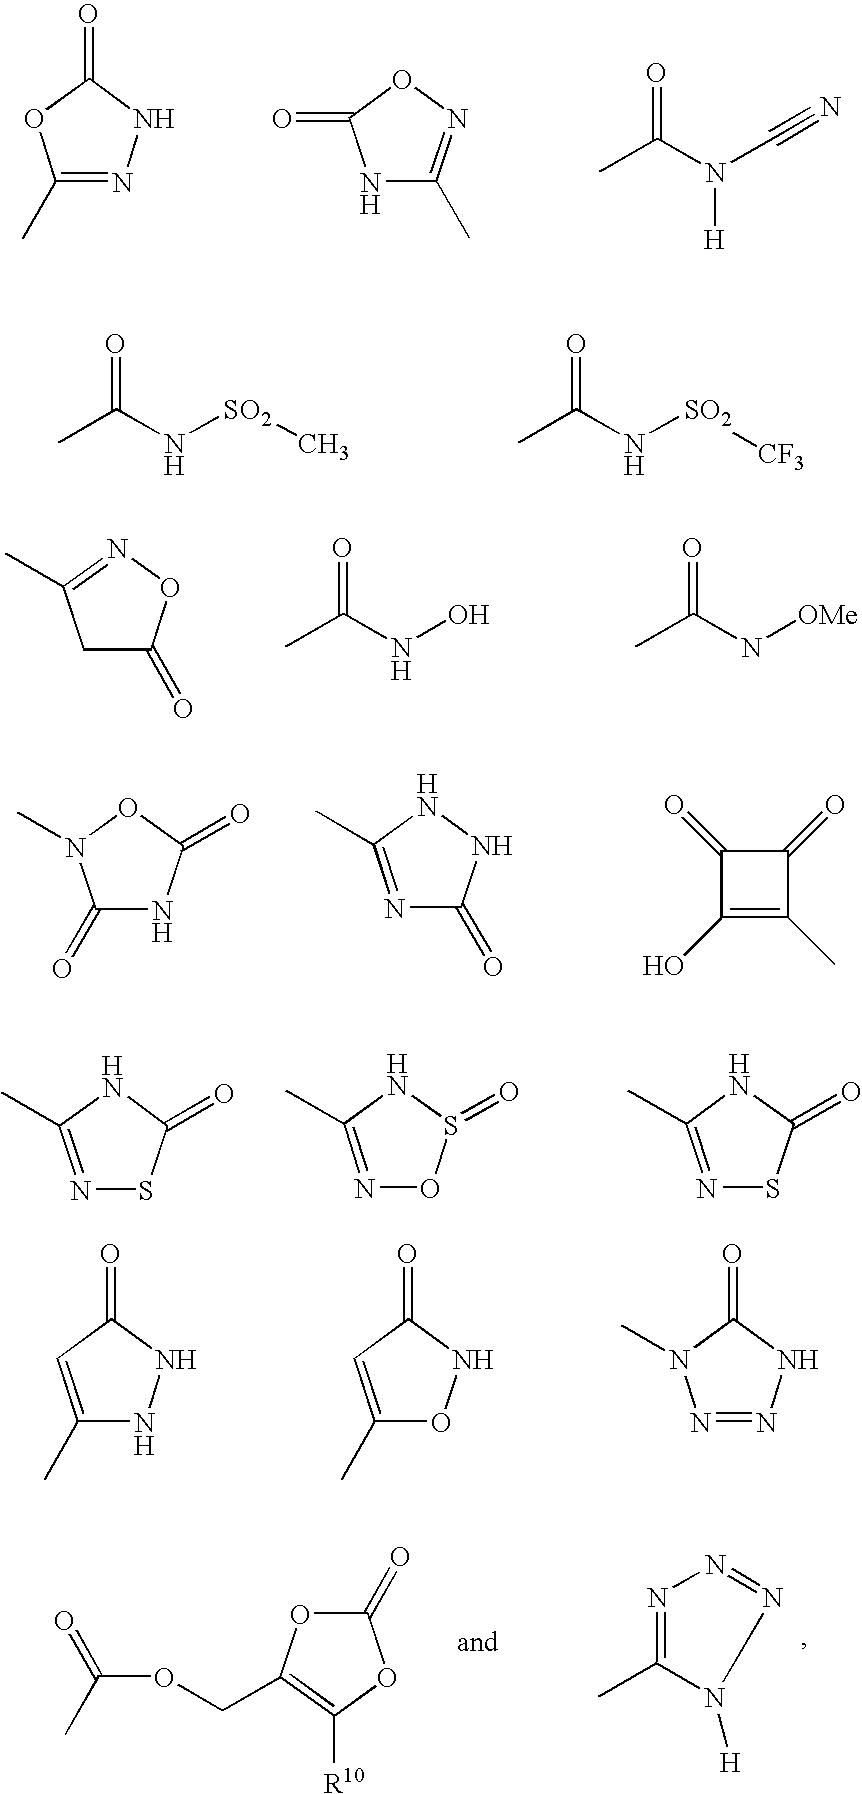 Figure US20050009827A1-20050113-C00042